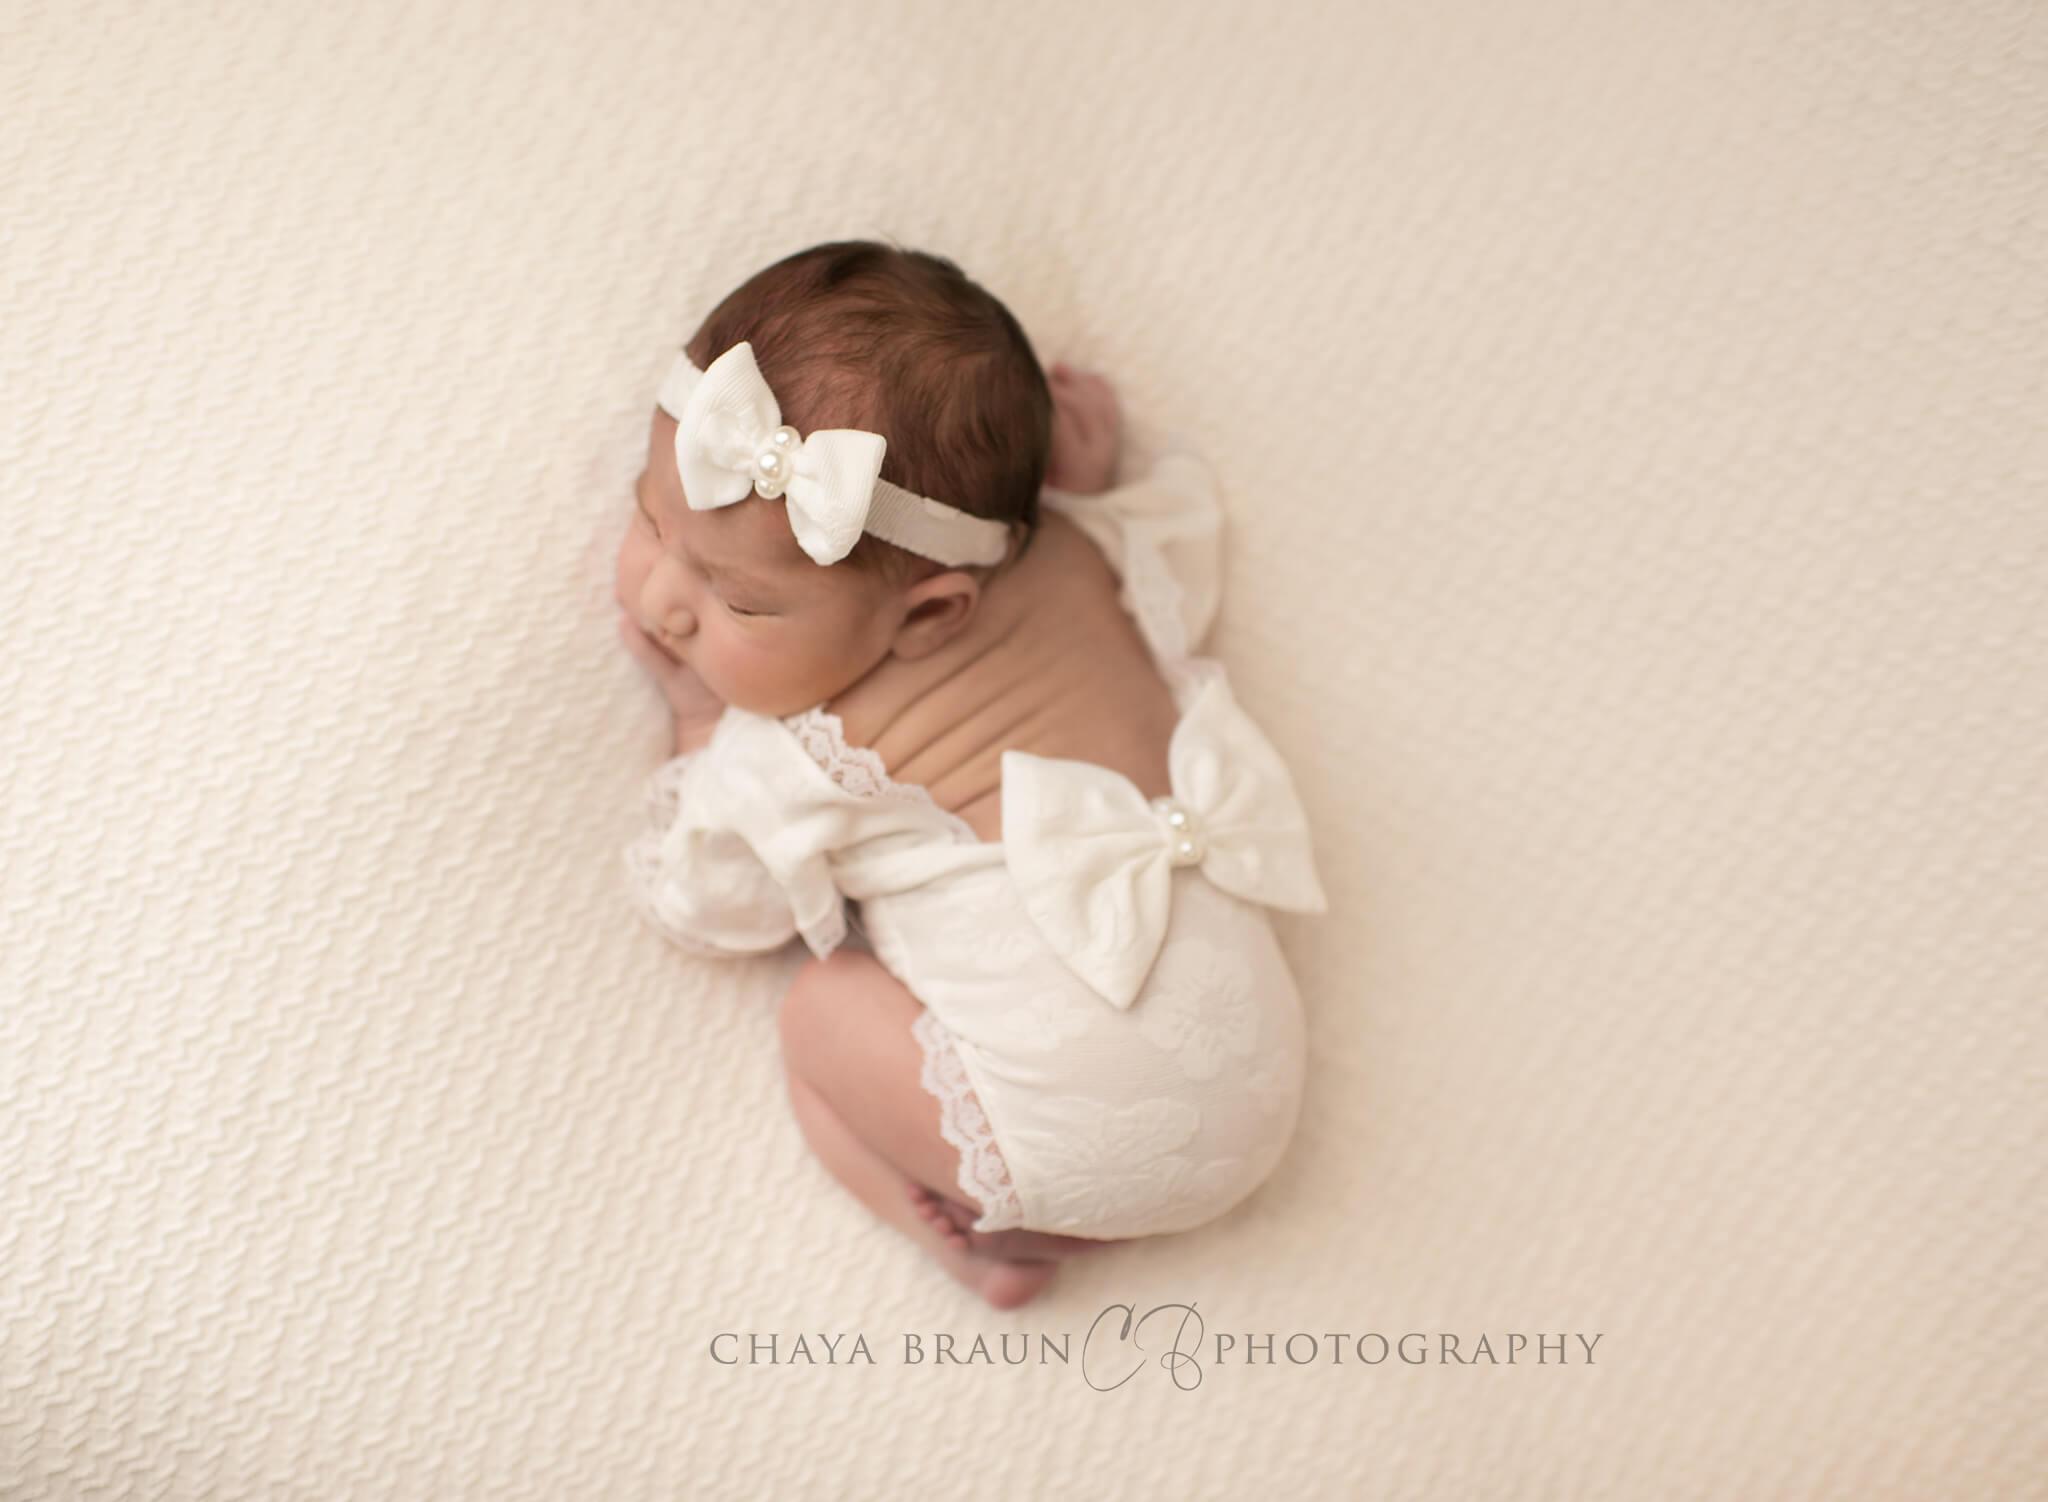 newborn photographer in Baltimore, Maryland